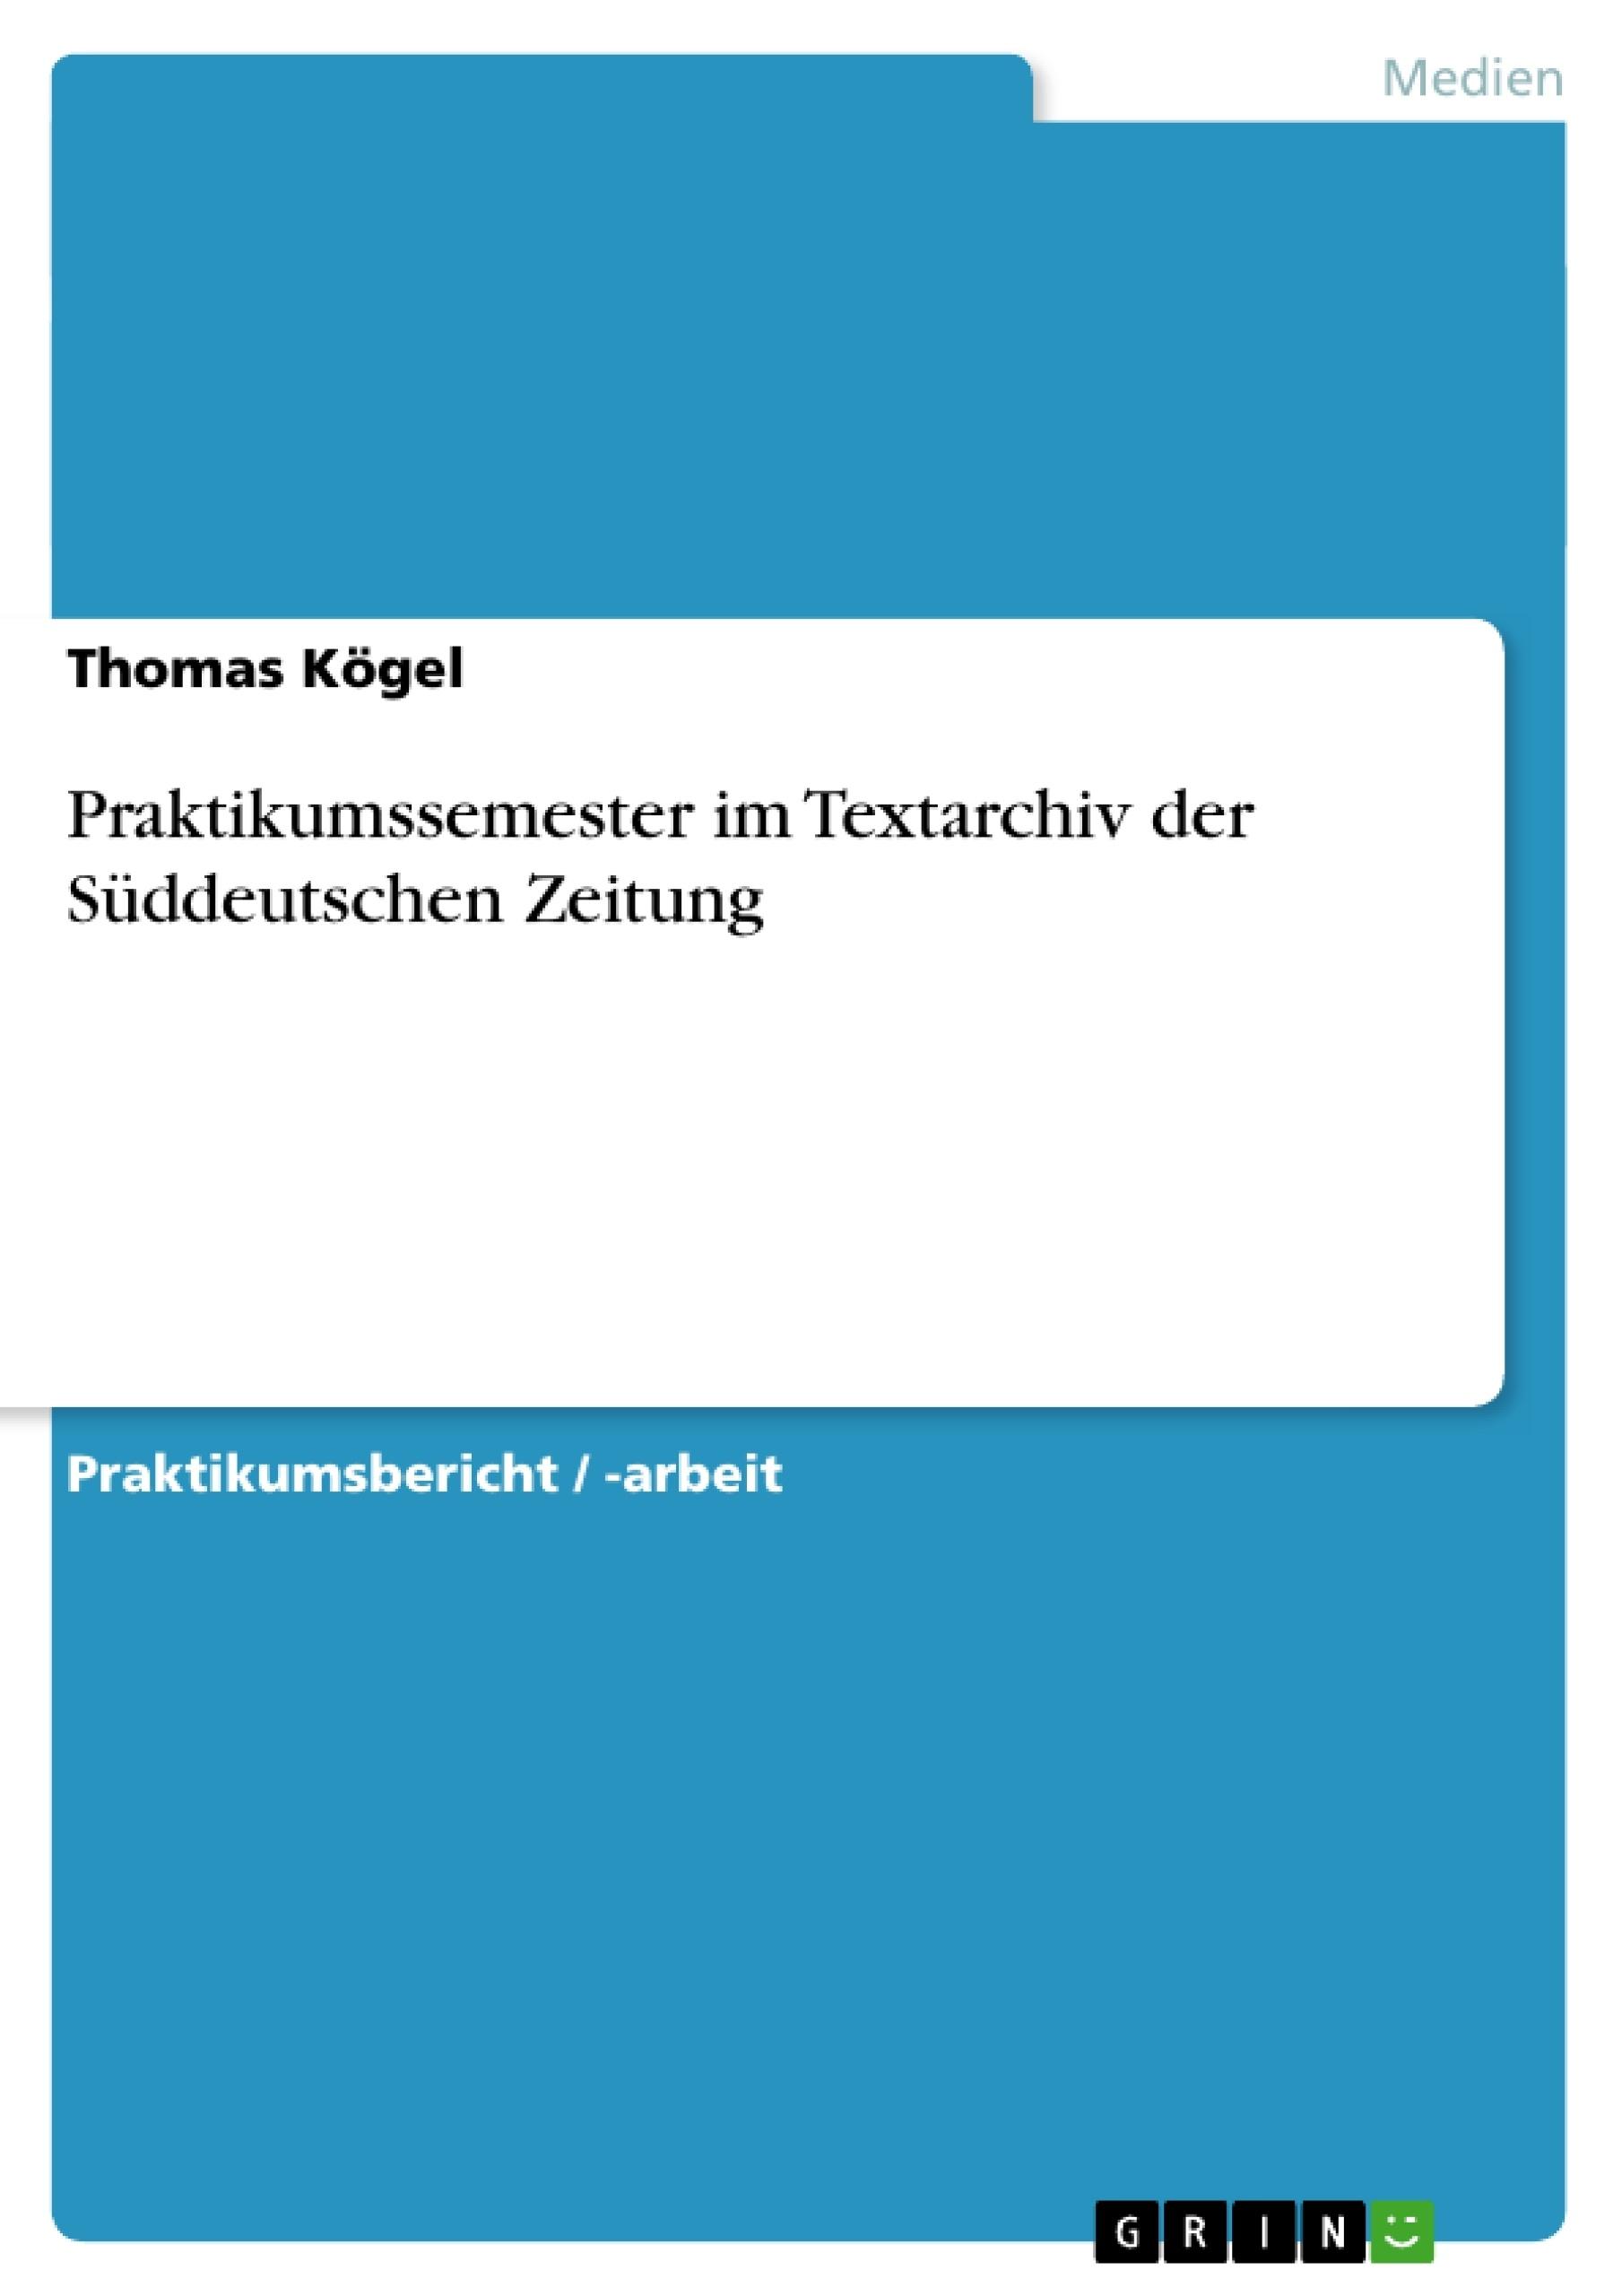 Titel: Praktikumssemester im Textarchiv der Süddeutschen Zeitung